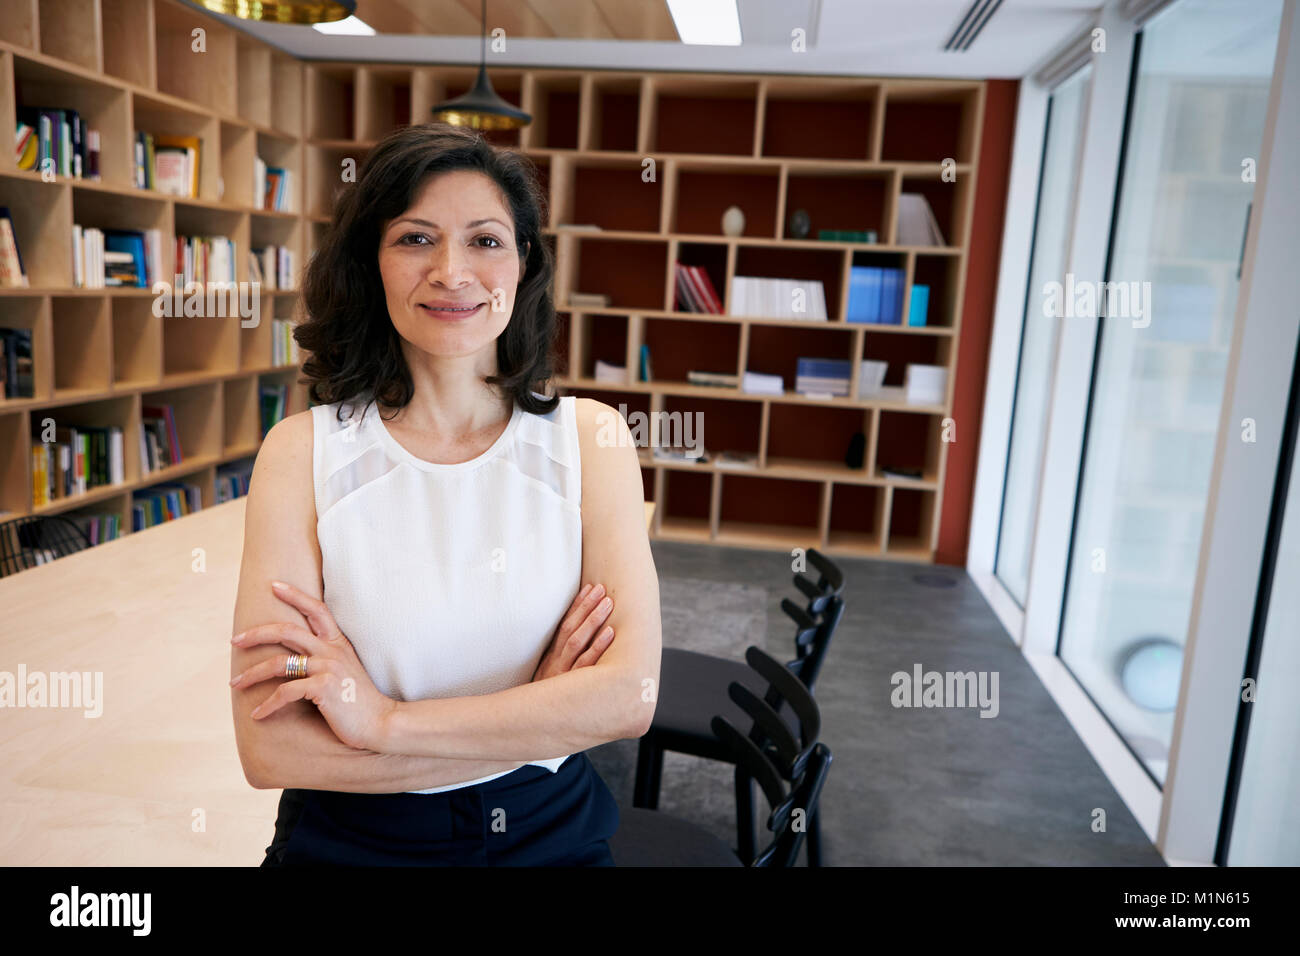 Im mittleren Alter weiblich Kreativ lächelnd Kamera in Ihr Büro Stockbild